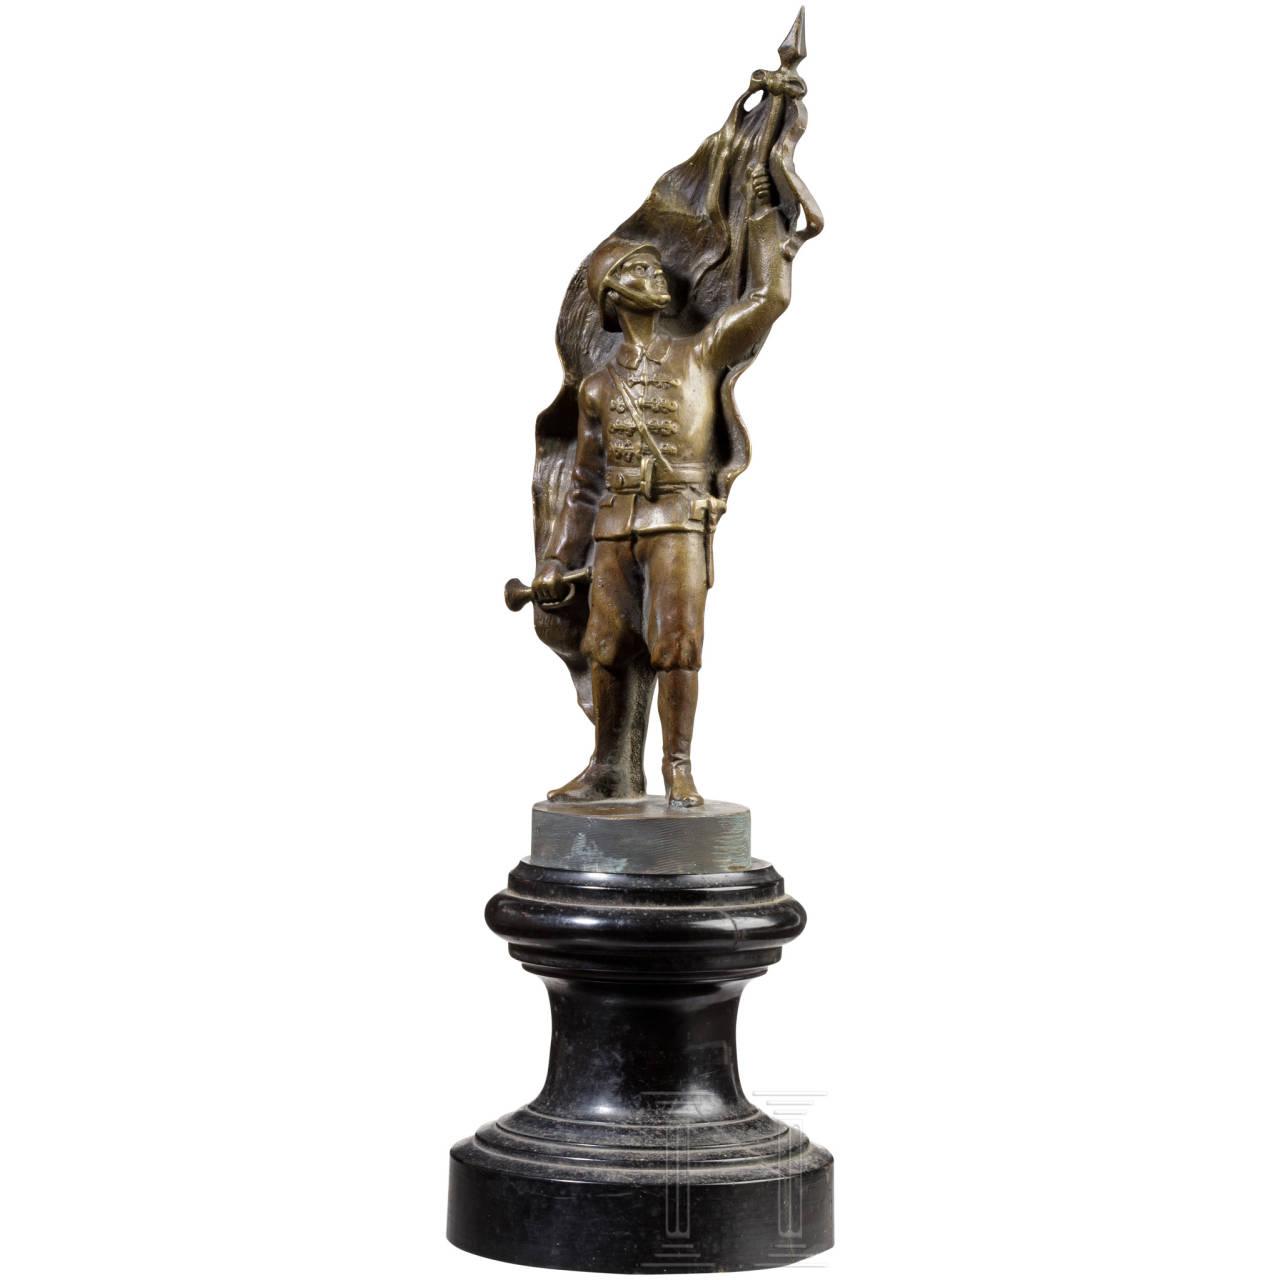 Bronze figure of a firefighter